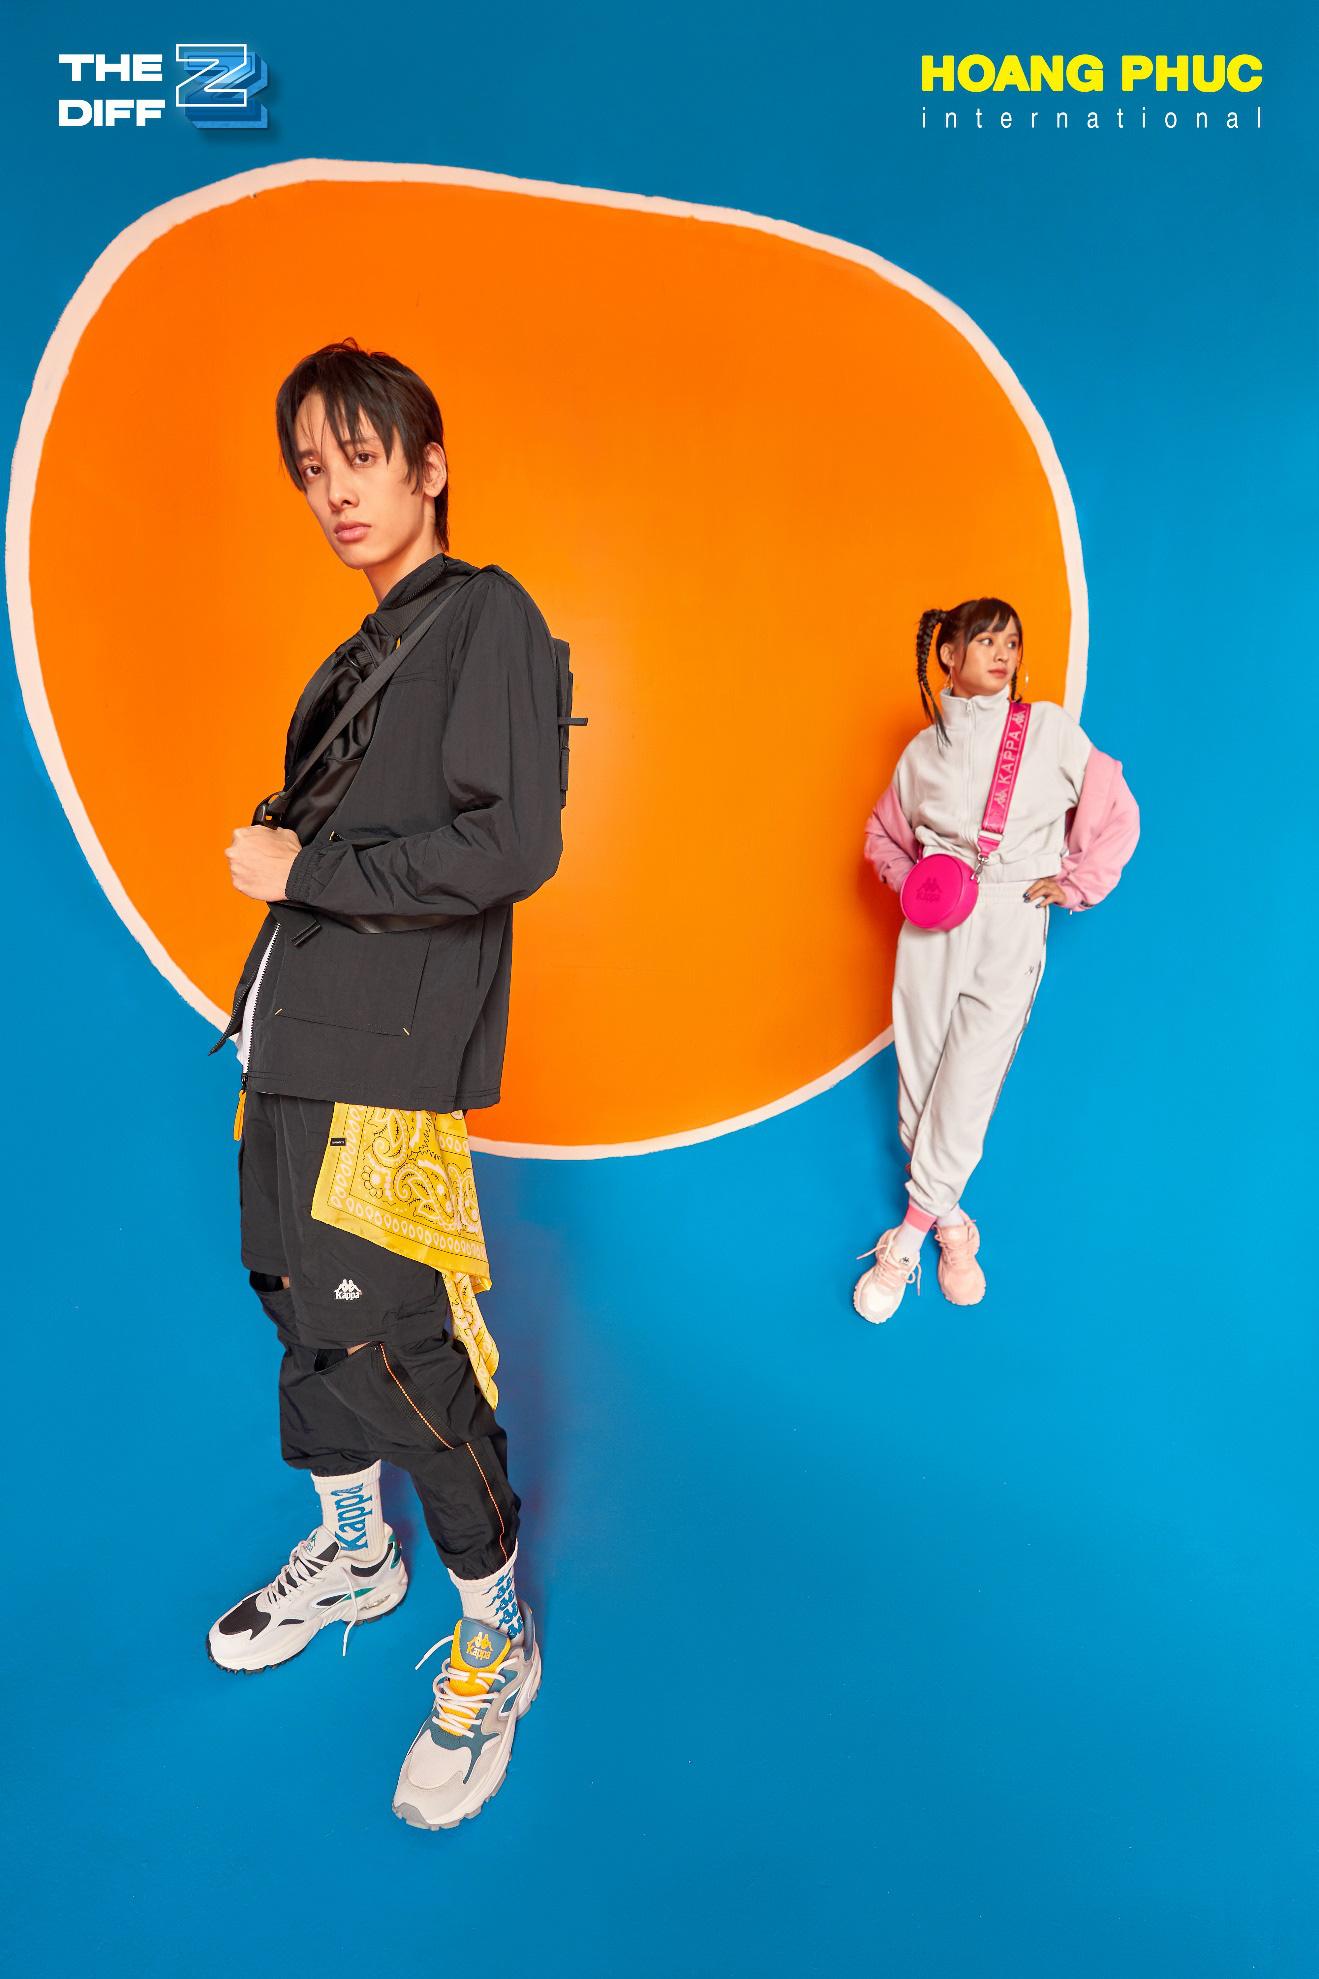 Tự tin và khác biệt cùng THE DIFF Z - Bộ ảnh thời trang Tết Tân Sửu 2021 từ HOANG PHUC International hợp tác cùng stylist của Binz - Ảnh 4.